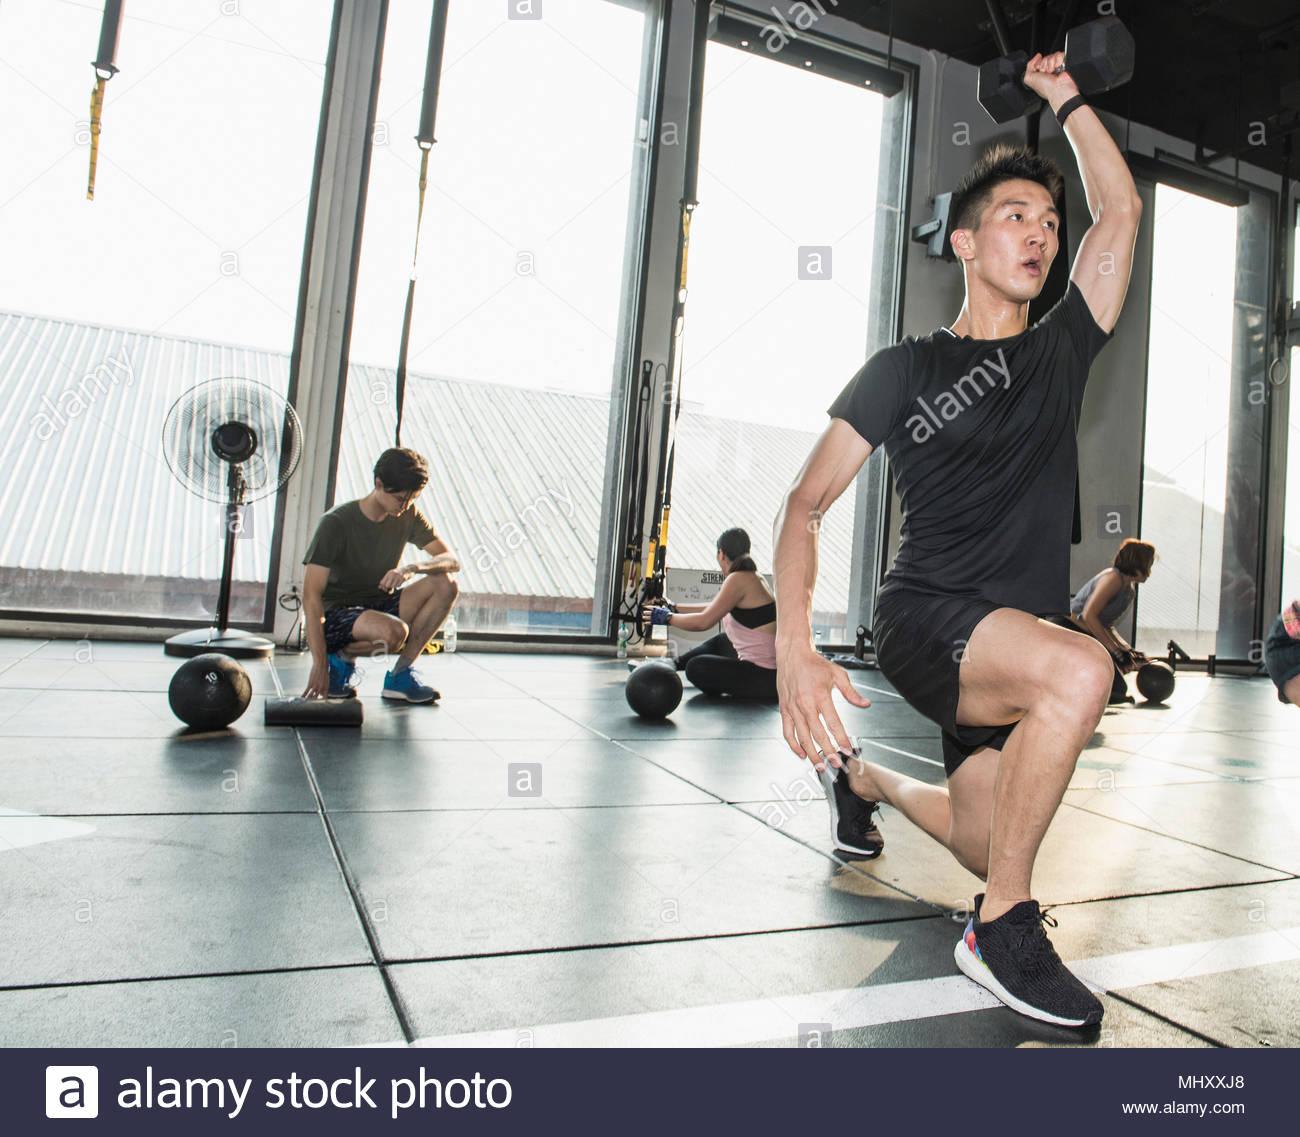 Grupo de personas trabajando en el gimnasio, el hombre en primer plano levantando pesas de mano Imagen De Stock